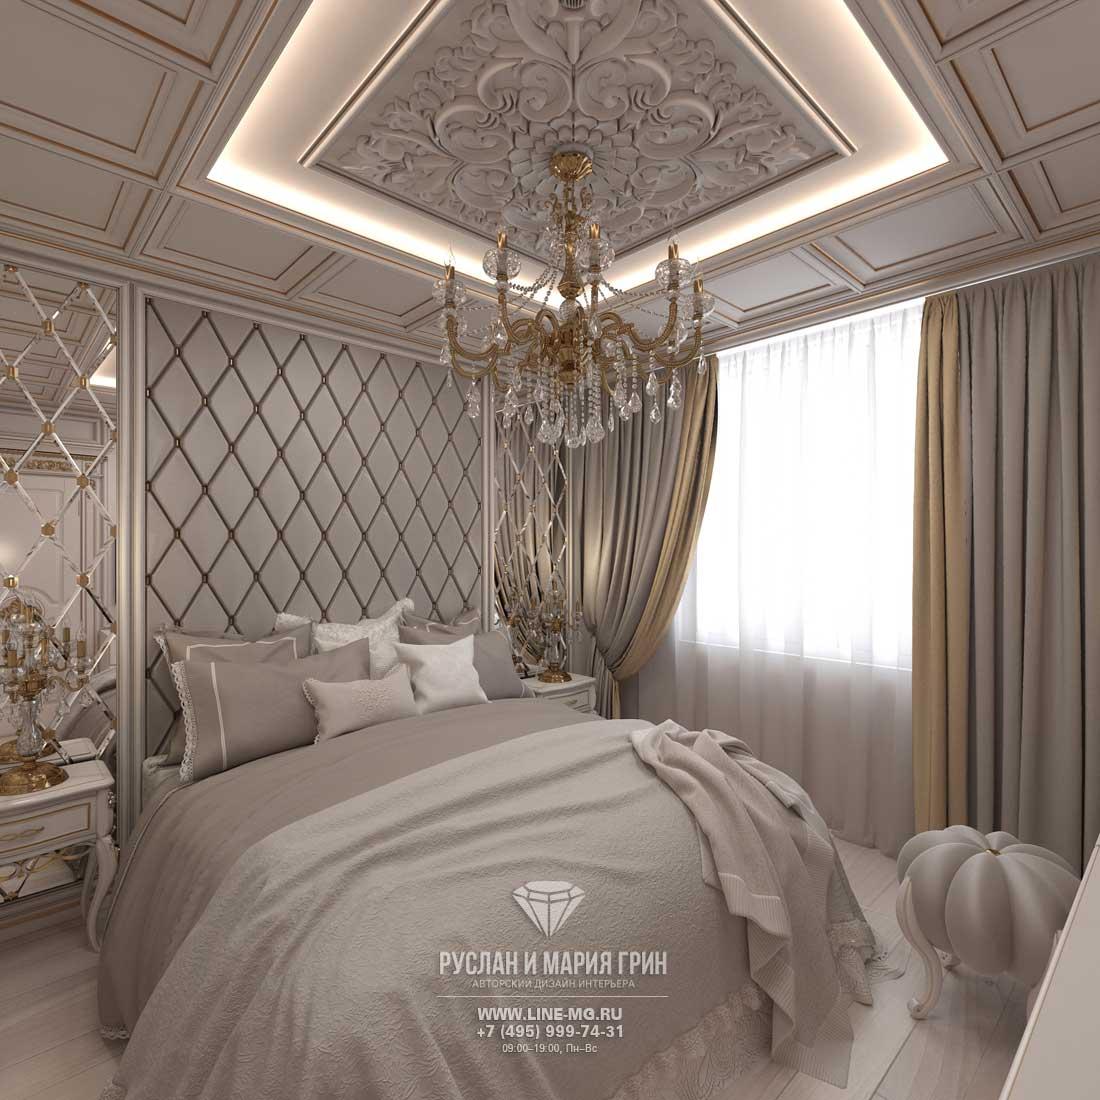 Дизайн интерьера спальни в светлых тонах